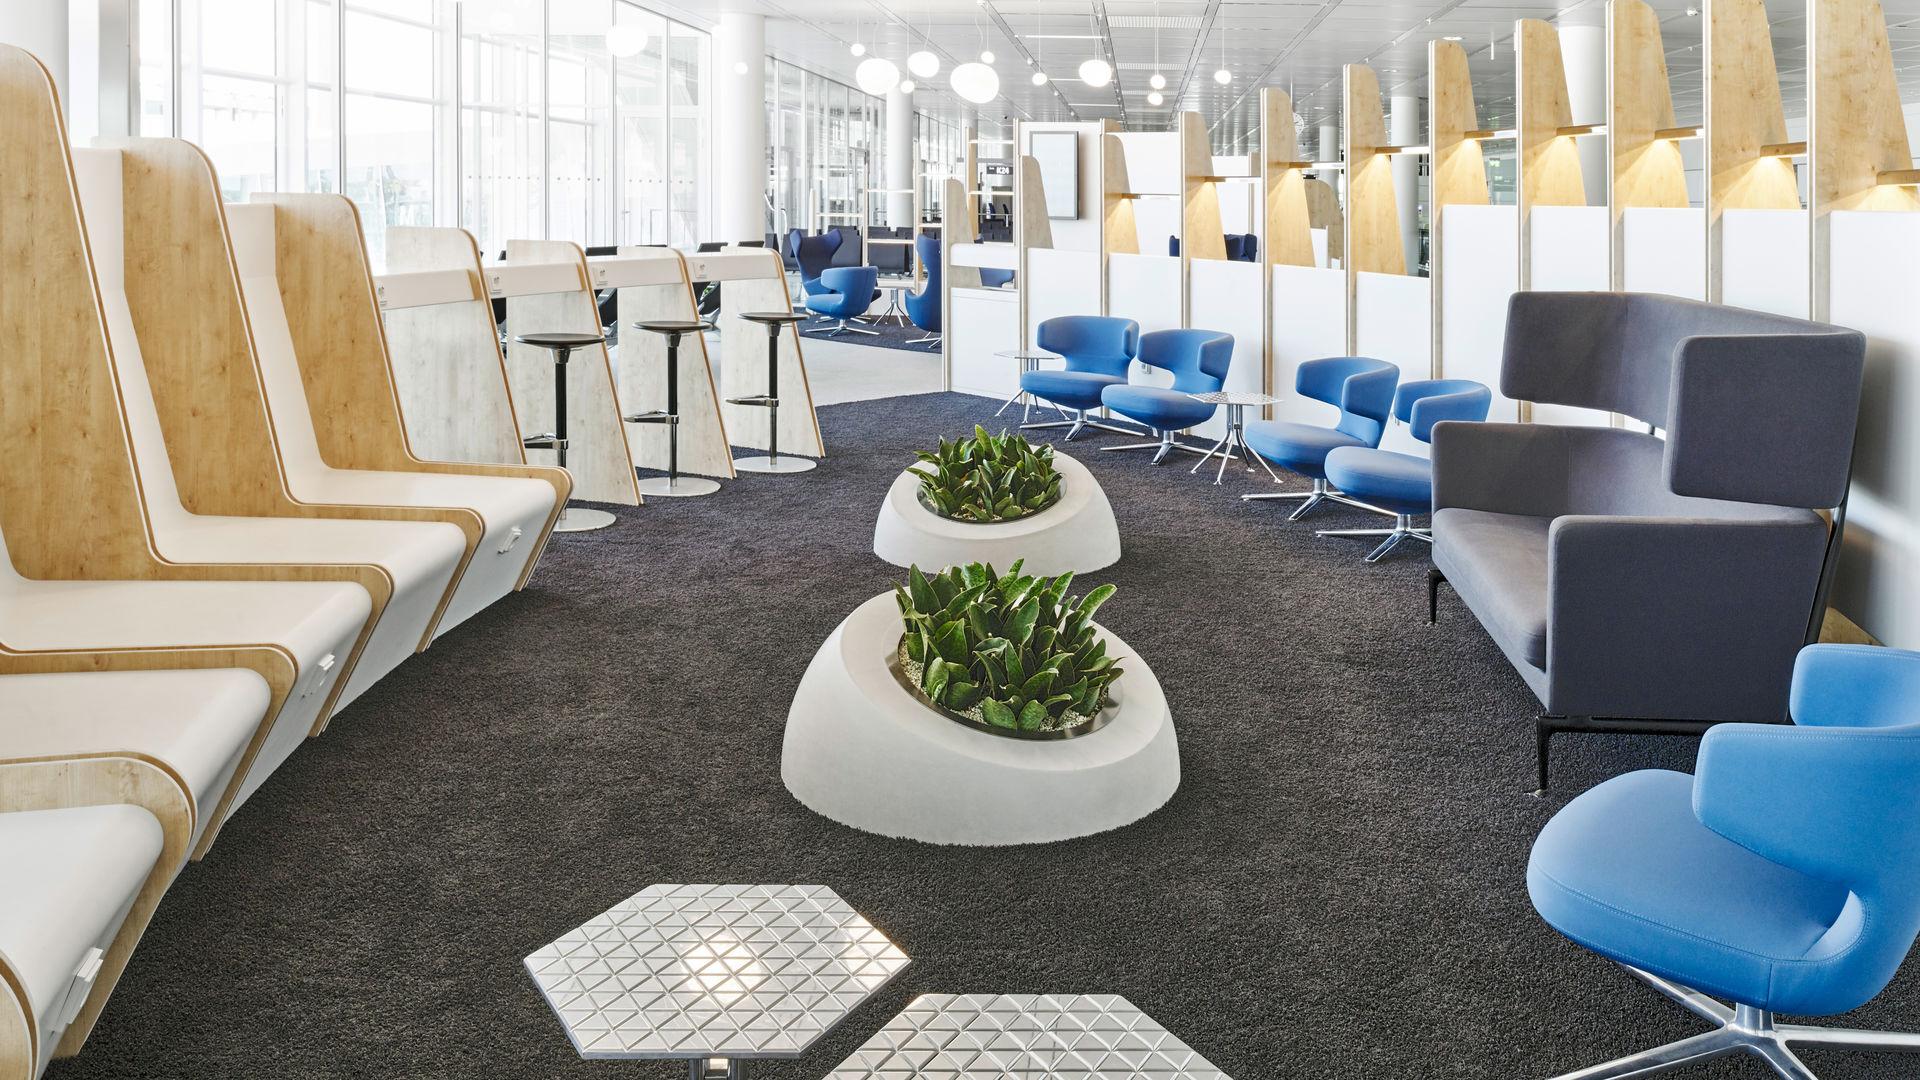 Flughafen München, Terminal 2 Satellit_web_reference